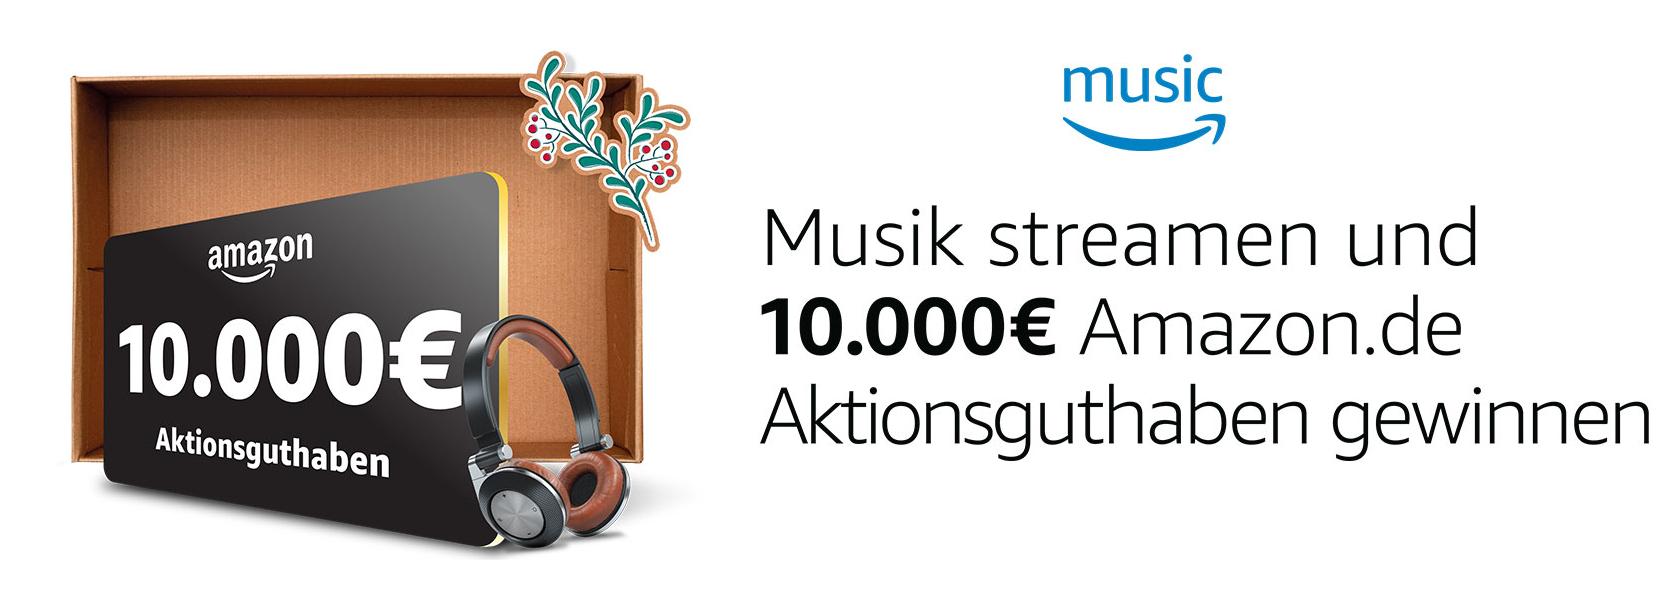 GEWINNSPIEL: Musik streamen und 10.000€ Amazon Gutschein gewinnen